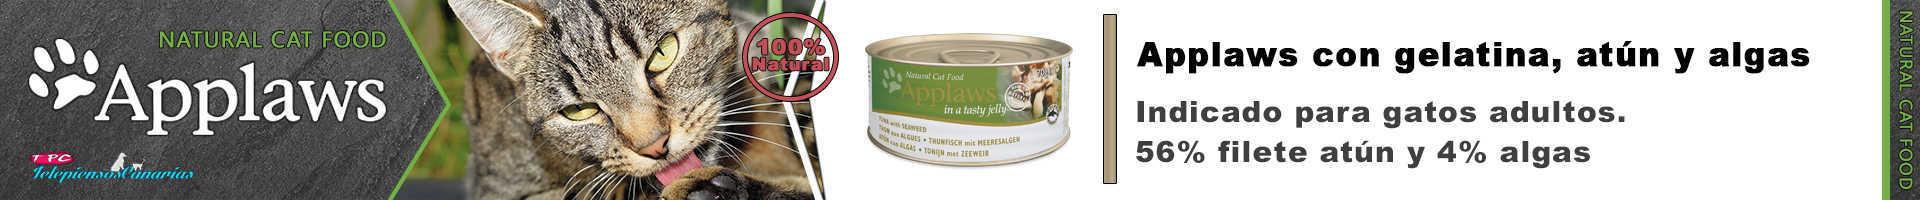 Applaws lata con gelatina de atún y alga. Atún entero 56% y algas 4%